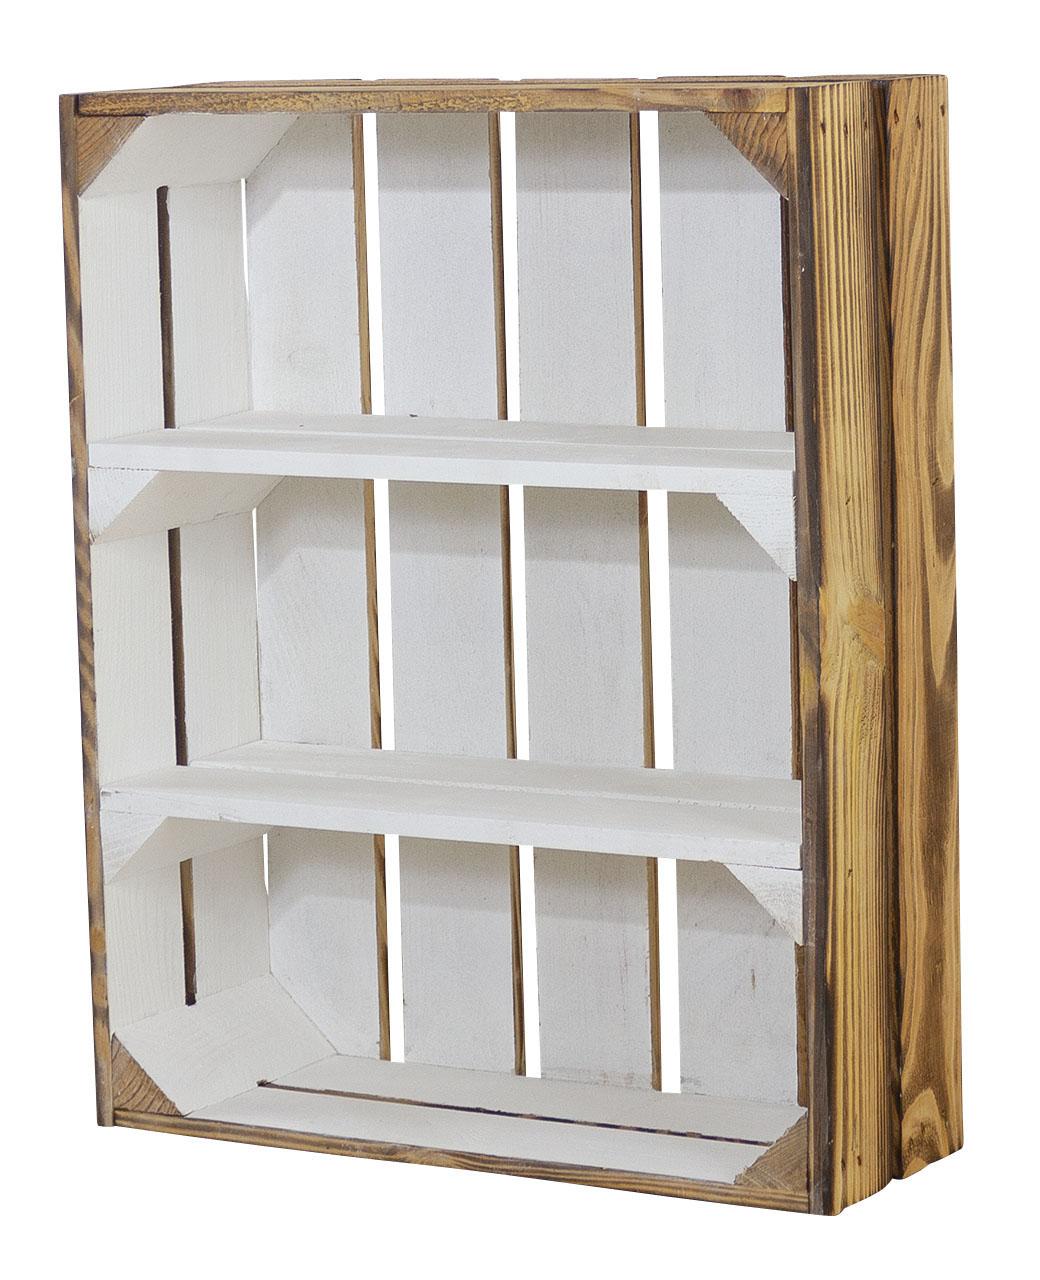 Schmale Holzkiste außen geflammt innen weiß 50x40,5x16cm